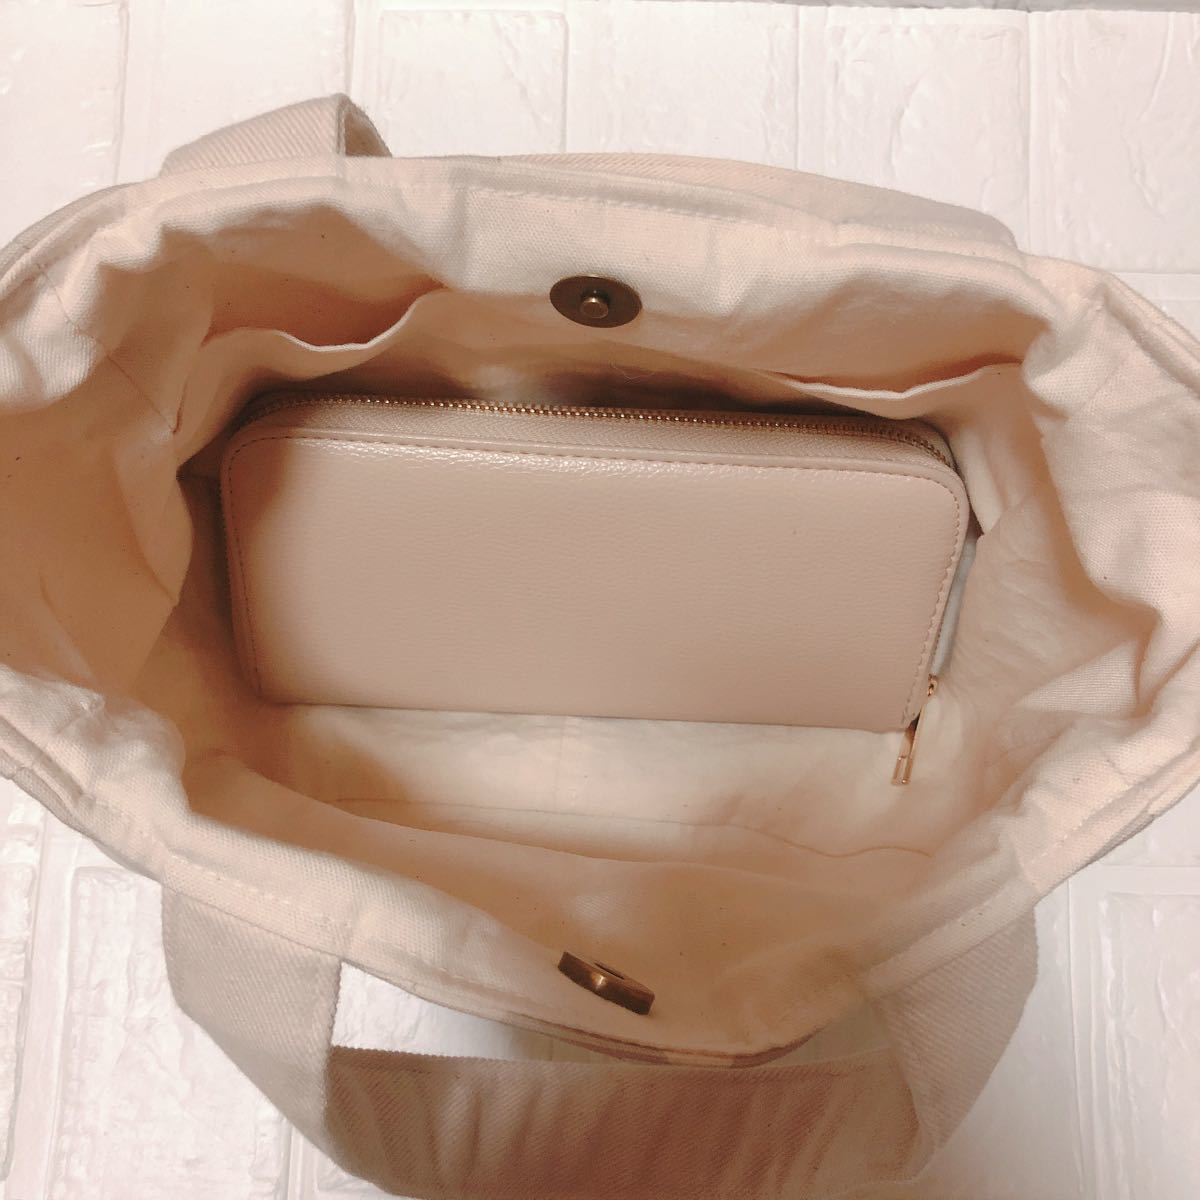 ハンドメイド 丸底トートバッグ フラワー